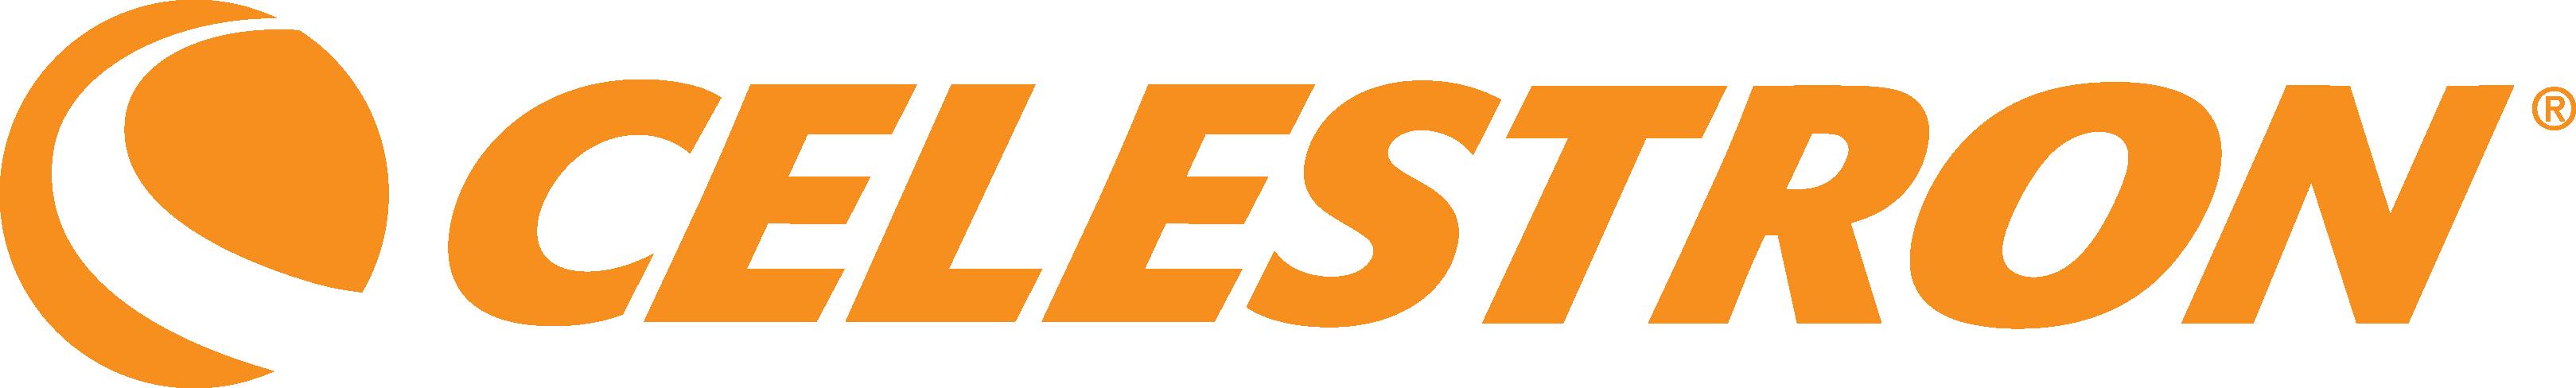 celestron_orange_cmyk